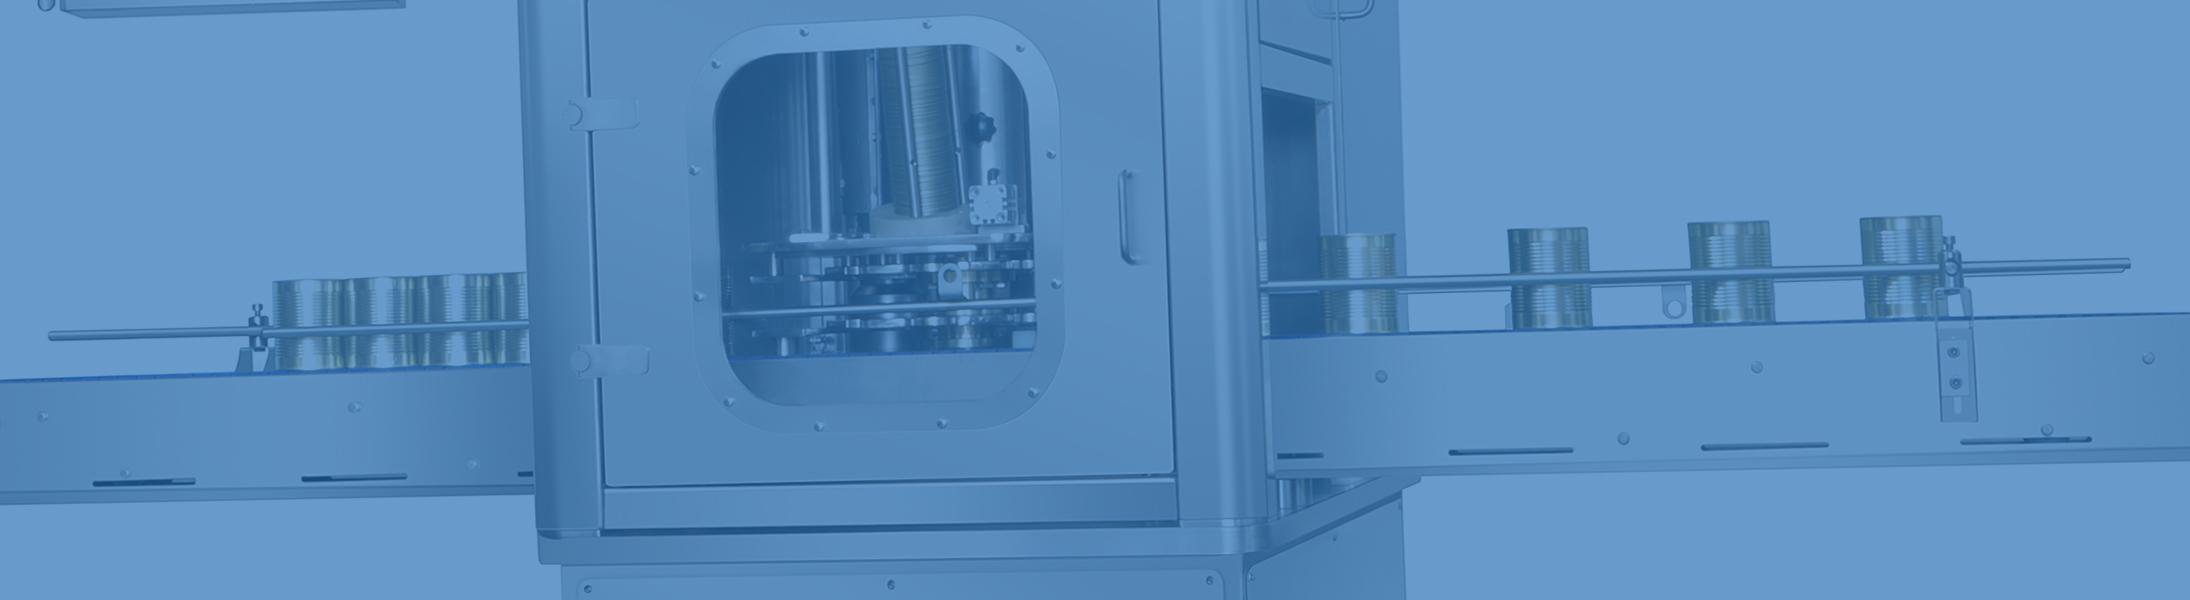 bonicomm - aggraffatrice automatica economica industriale - banner homepage